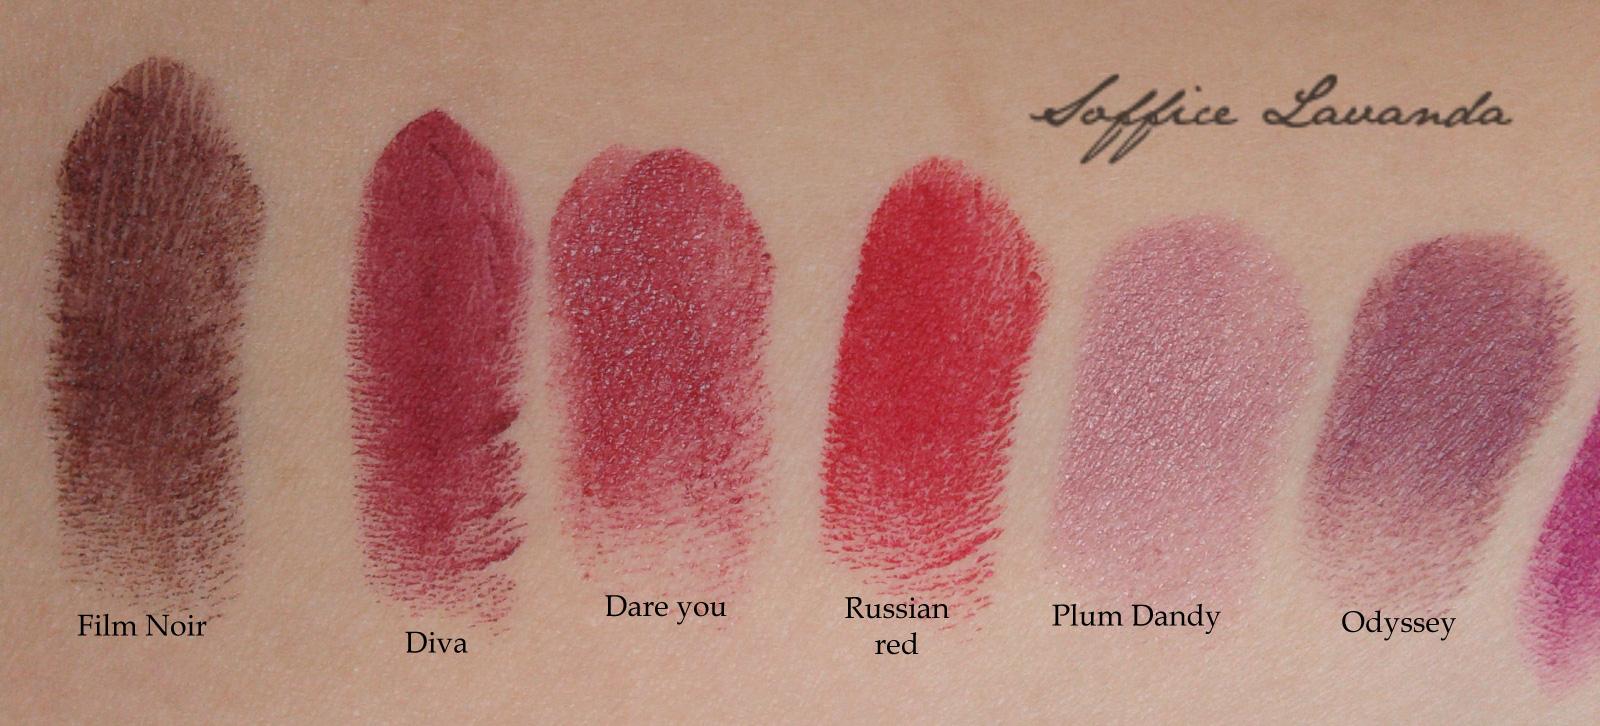 Soffice lavanda my mac lipsticks panoramica e confronti - Rossetto mac diva ...